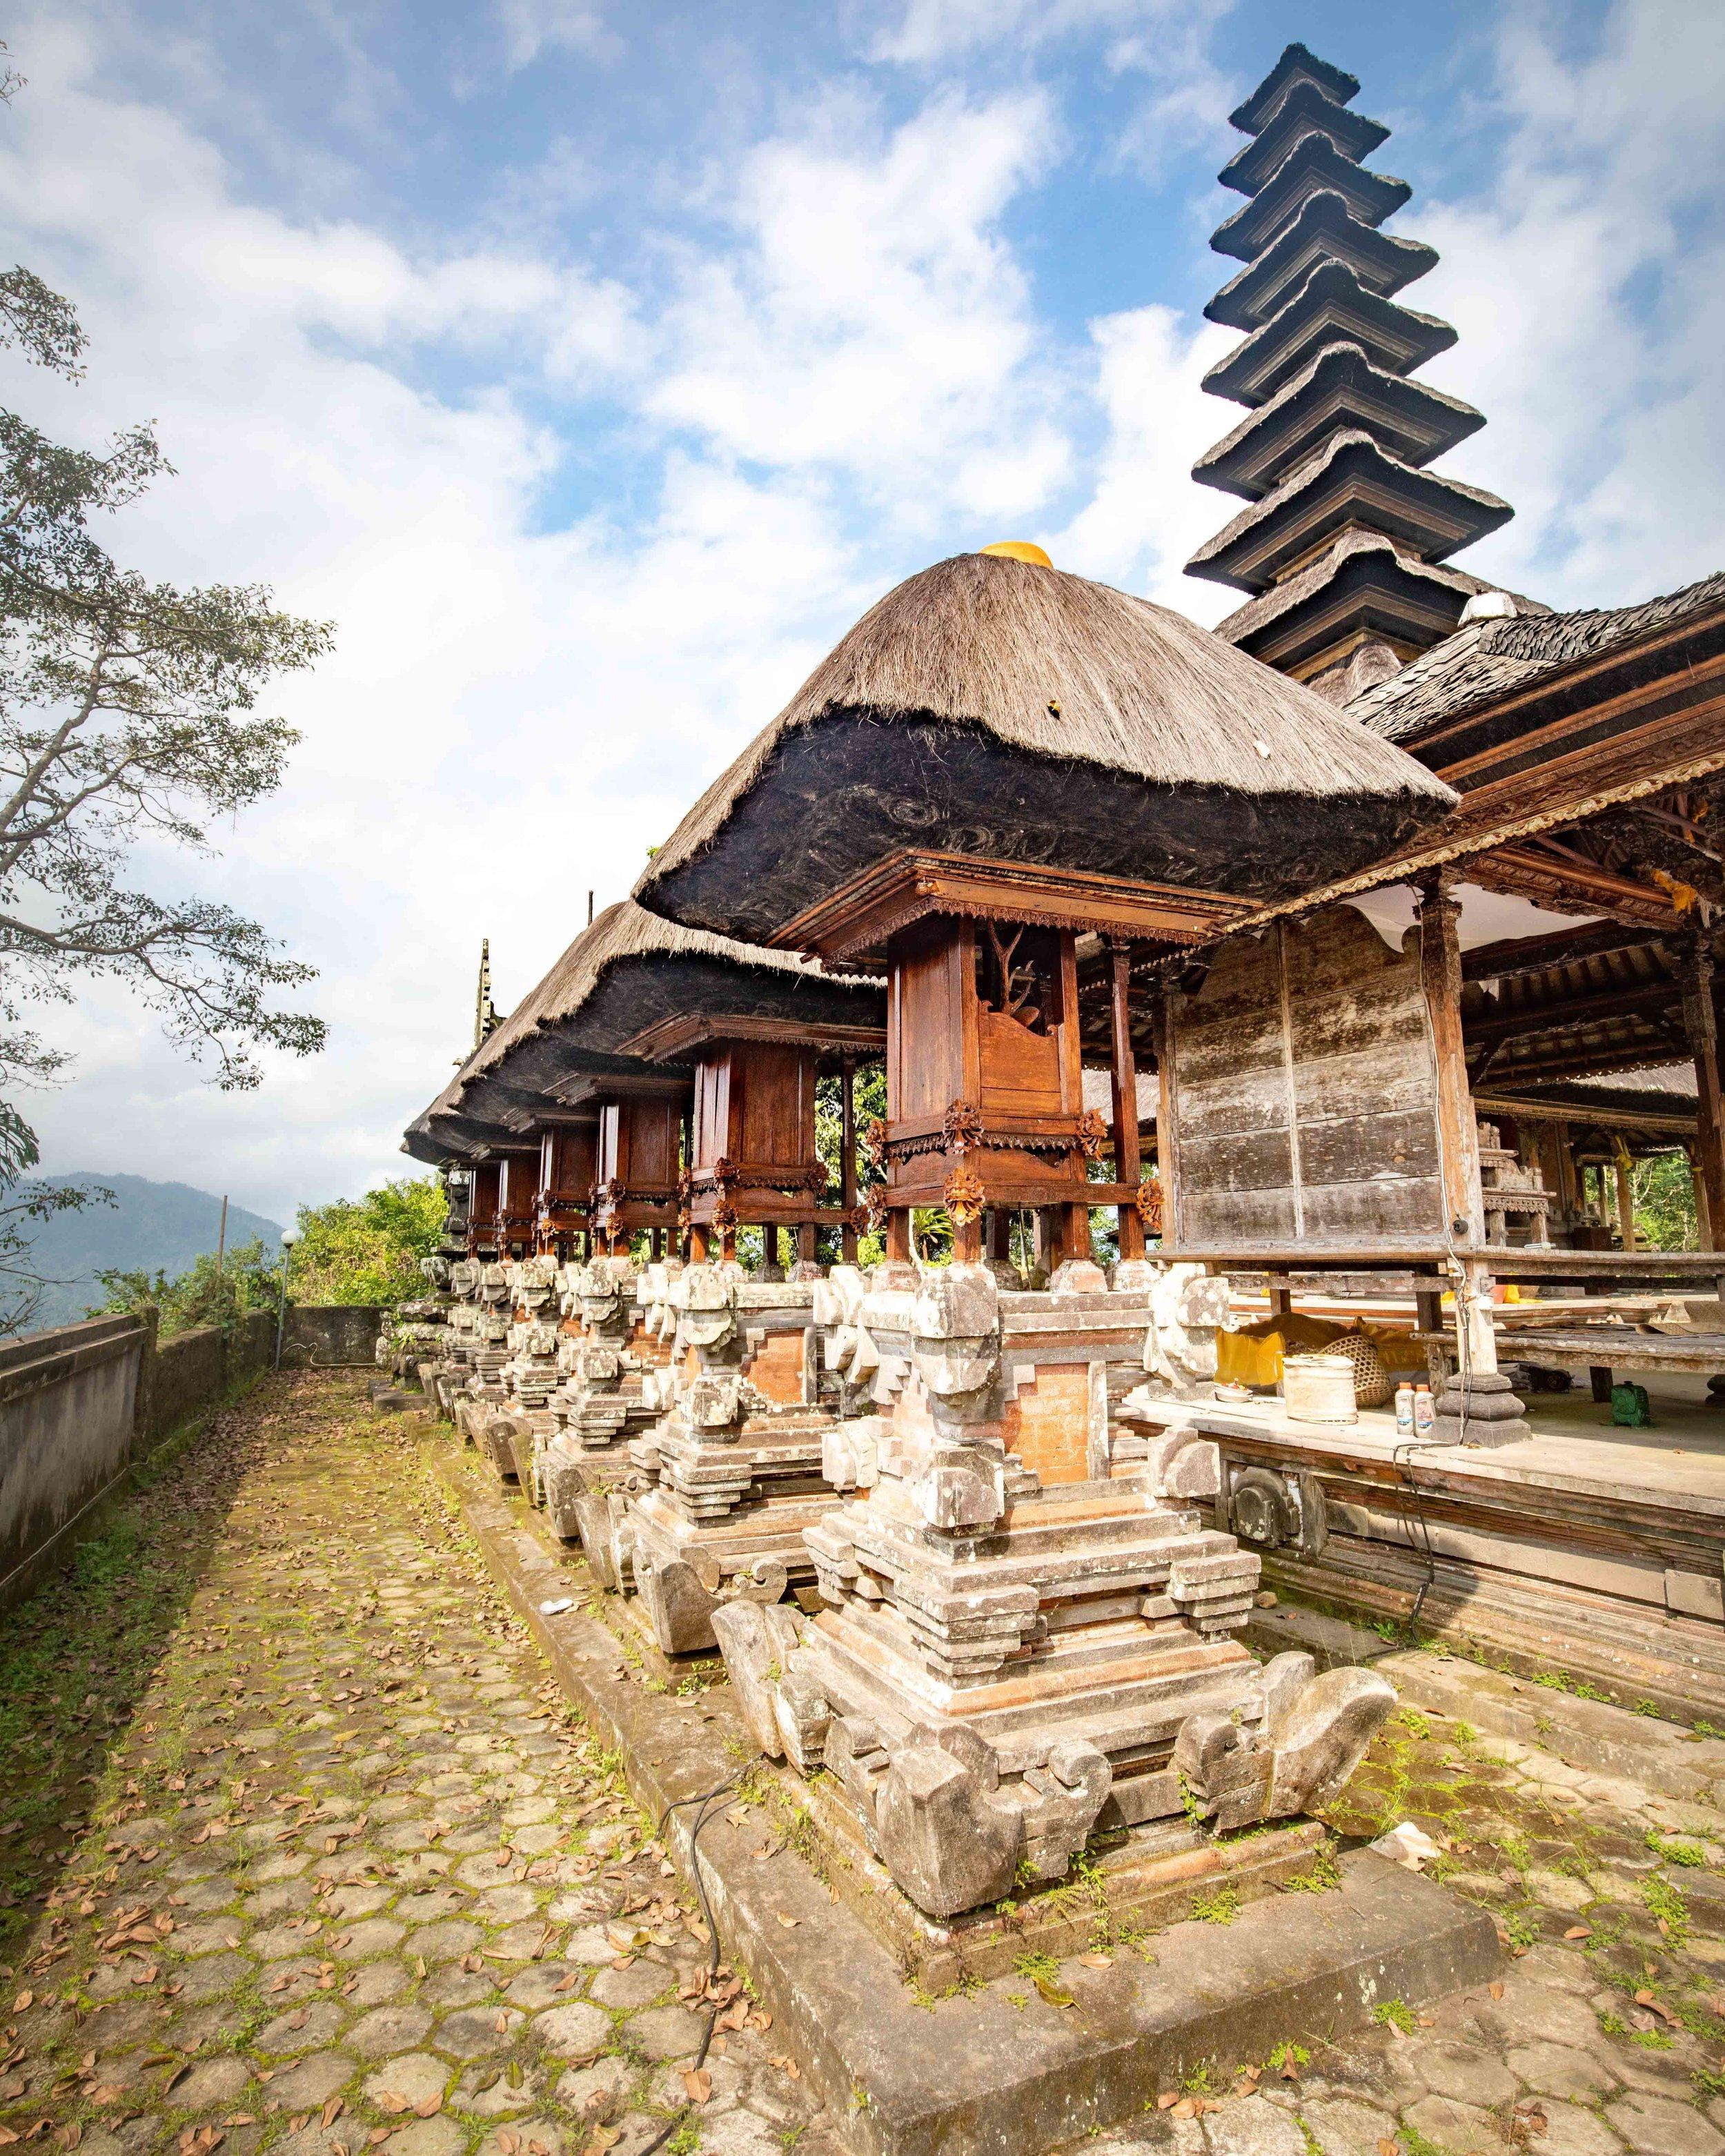 Bukit temple in Sidemen Bali